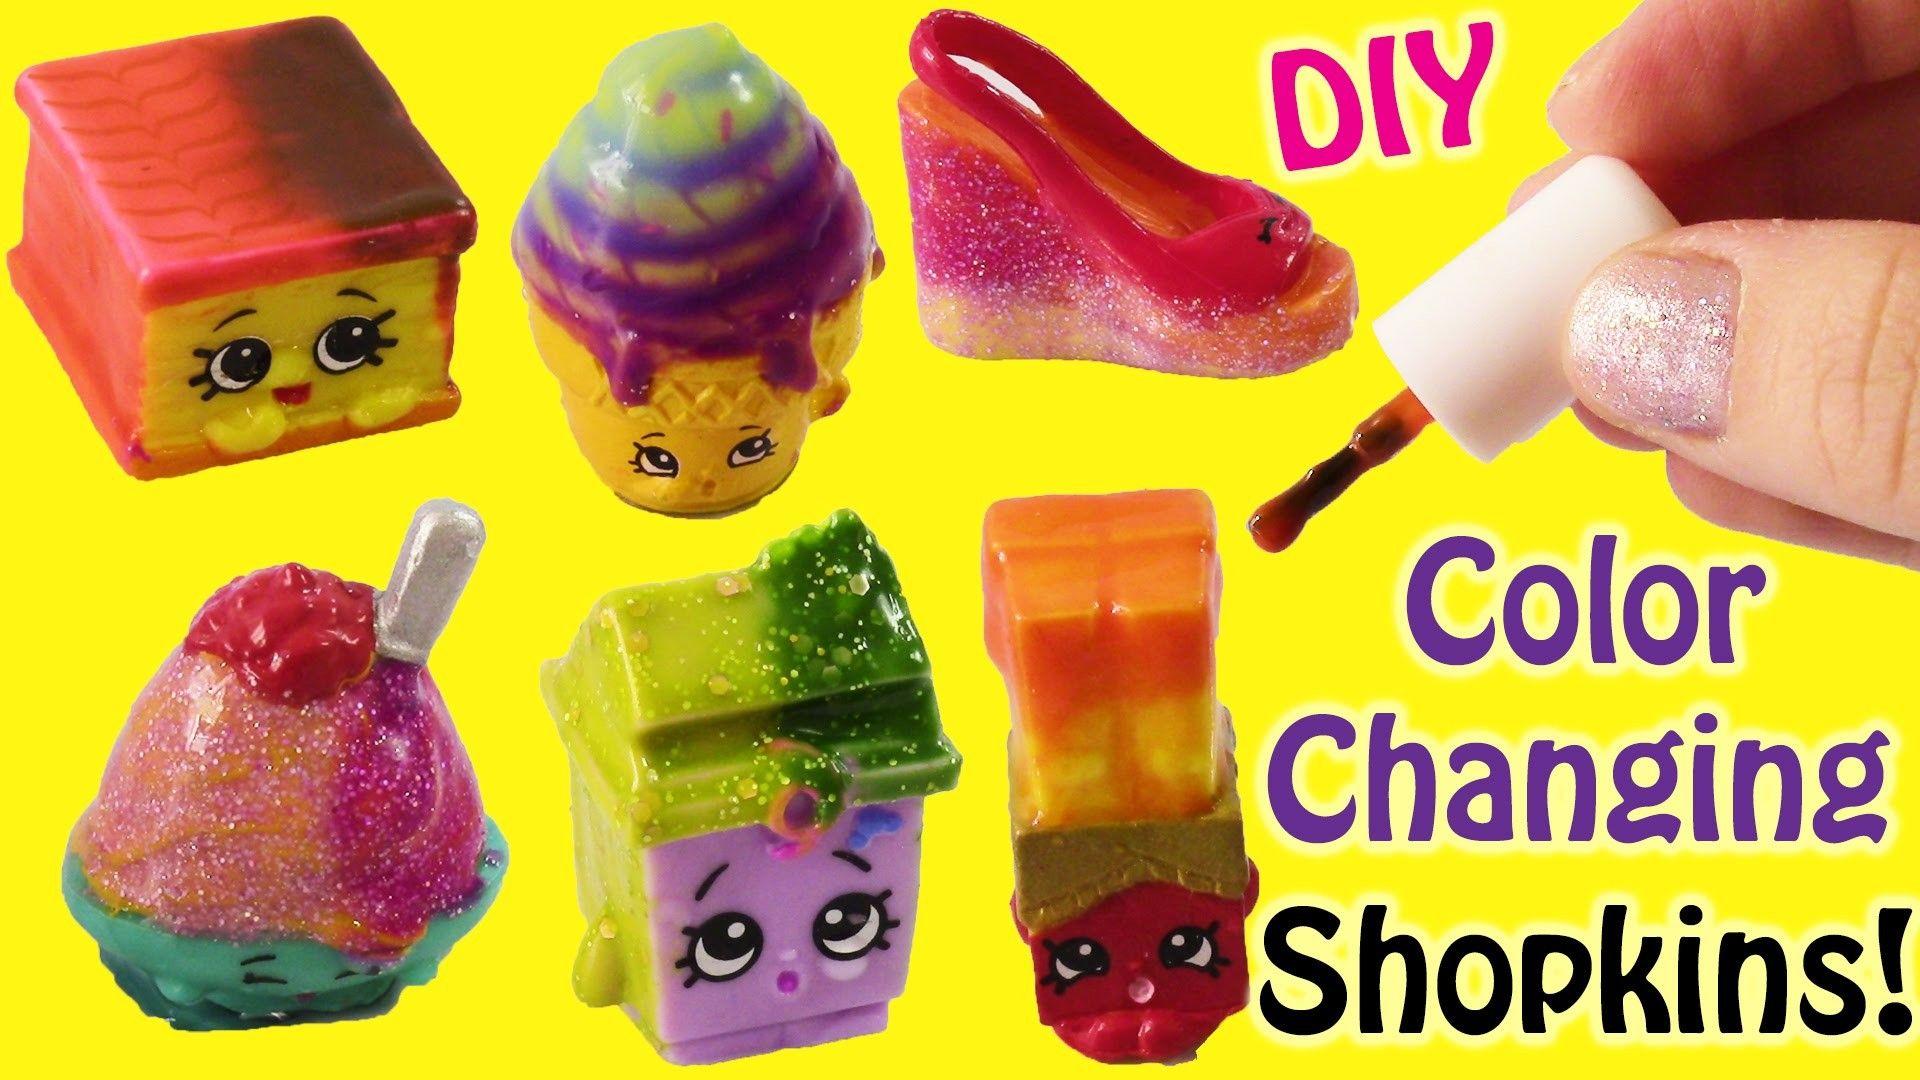 Diy Shopkins Color Changers